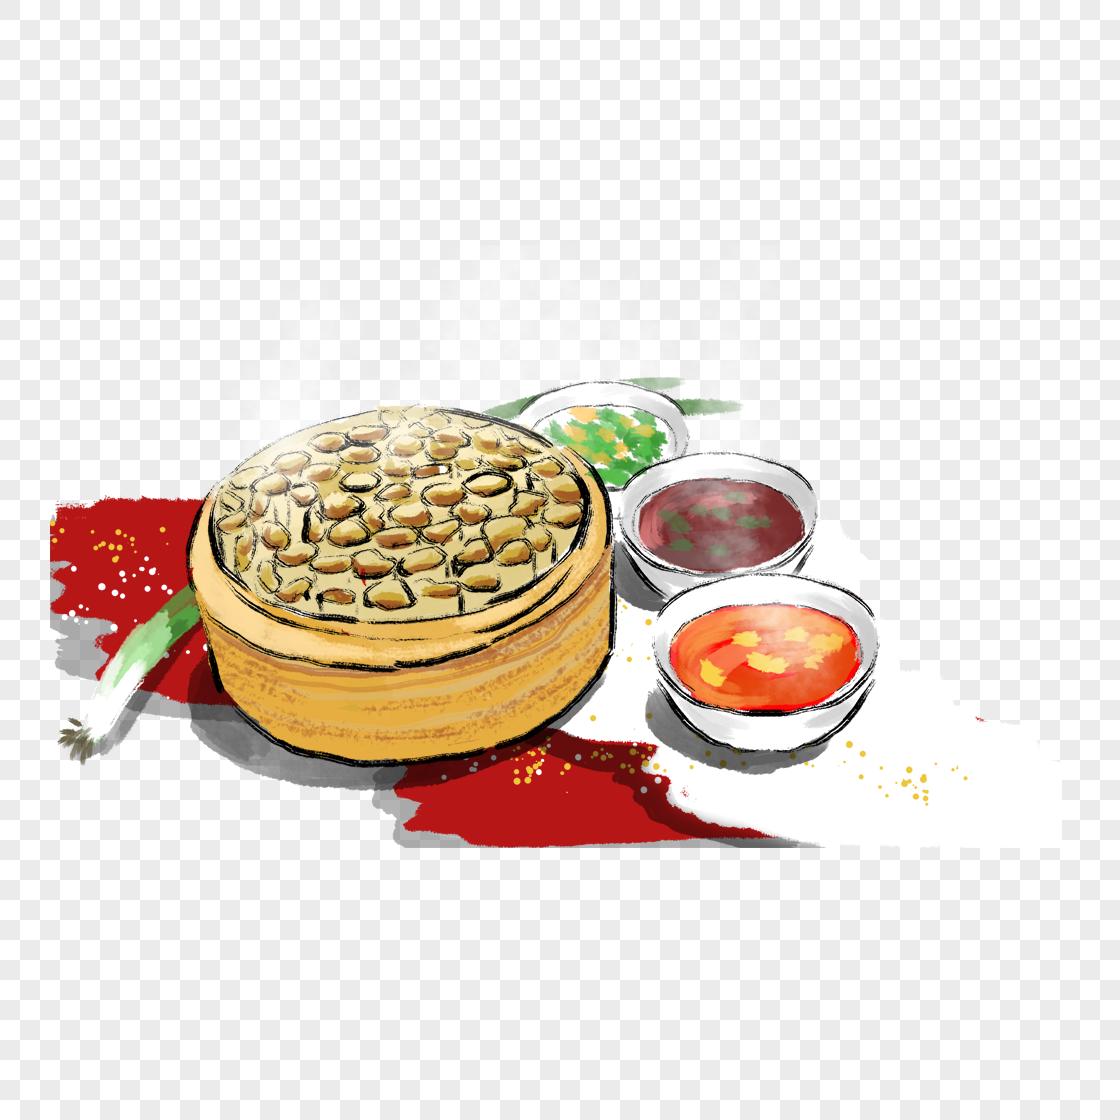 图片 素材 手绘/卡通元素 丰盛饭菜.